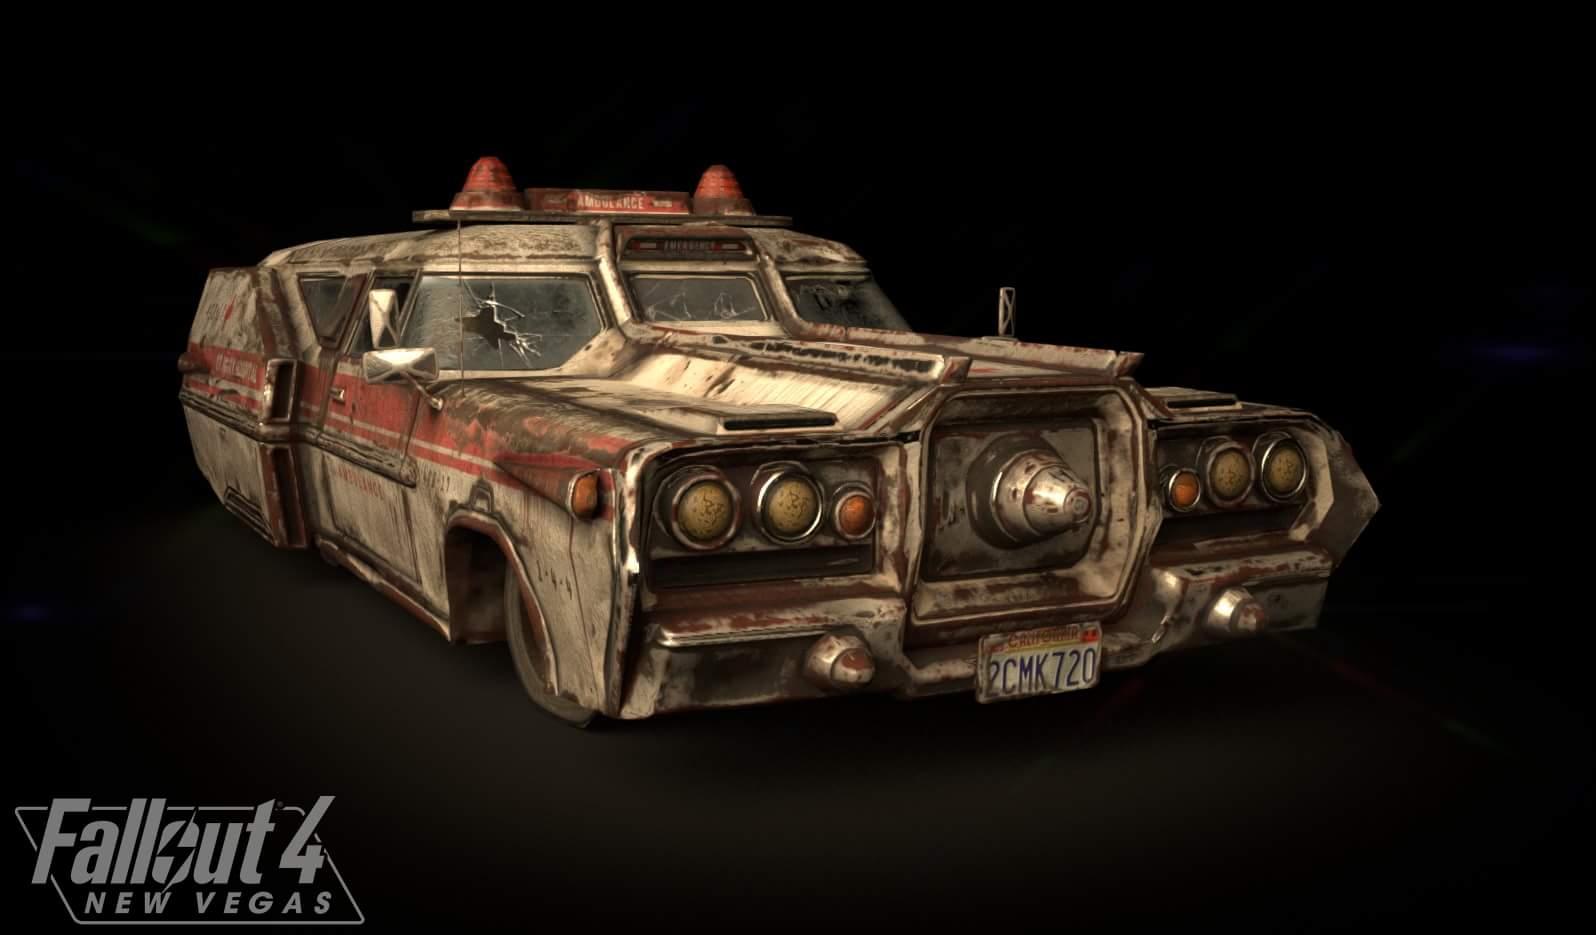 Разработчики Fallout 4: New Vegas продолжают работу над игрой, и на этот раз они предоставили модель автомобиля скорой помощи: